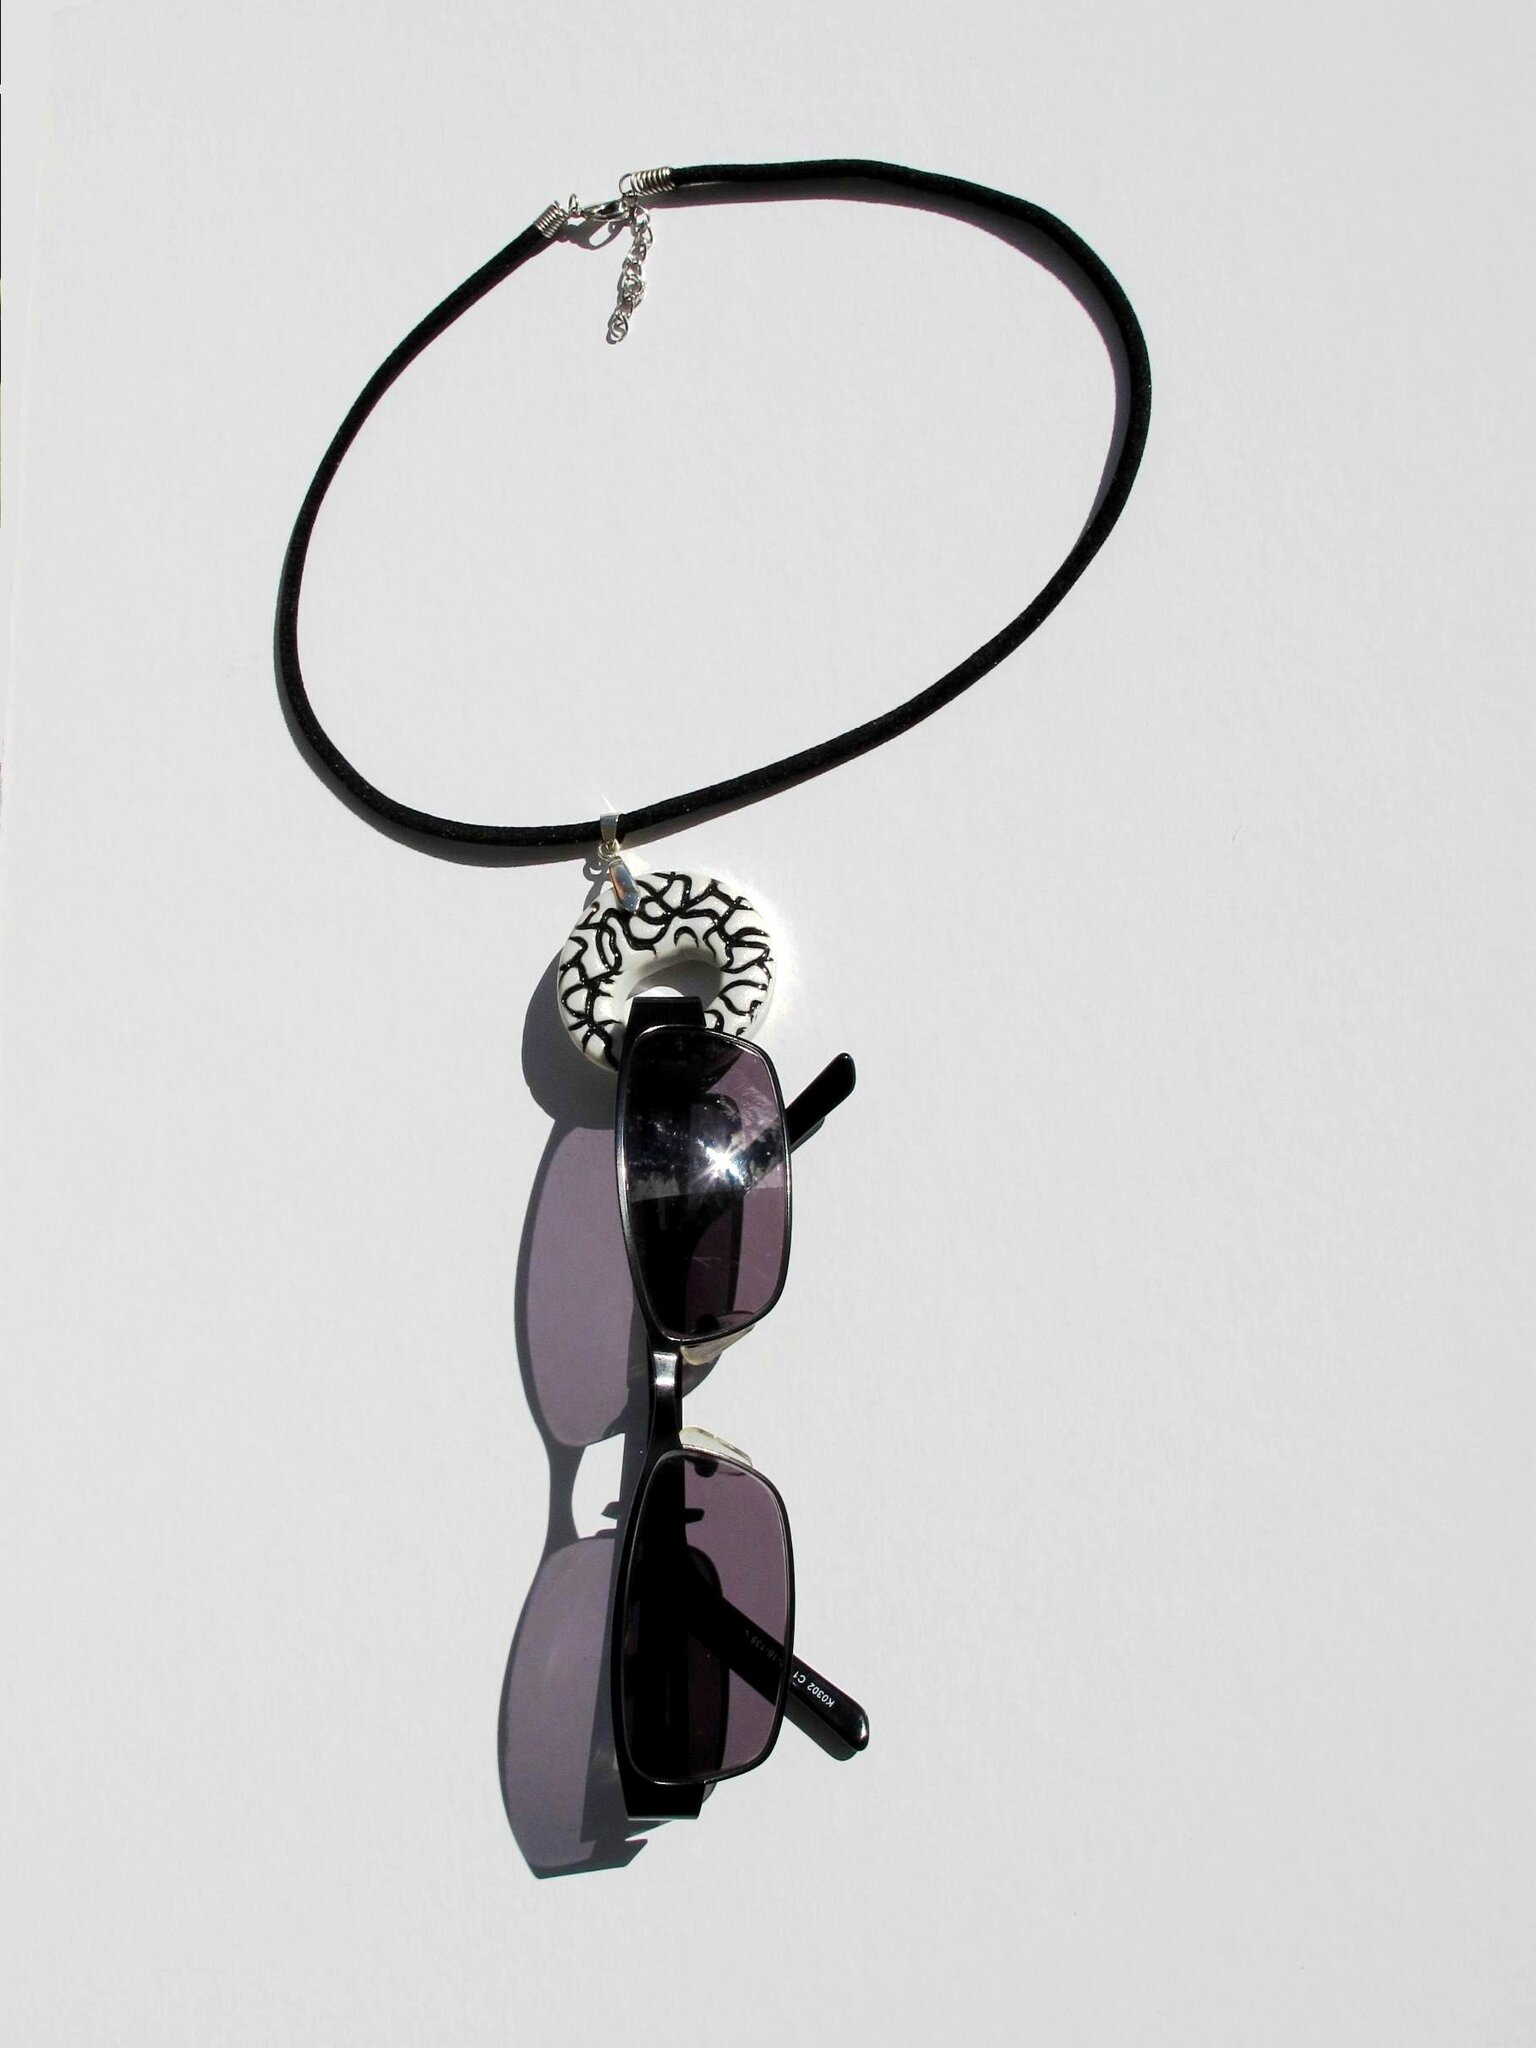 porte lunettes rond noir et blanc avec lunettes